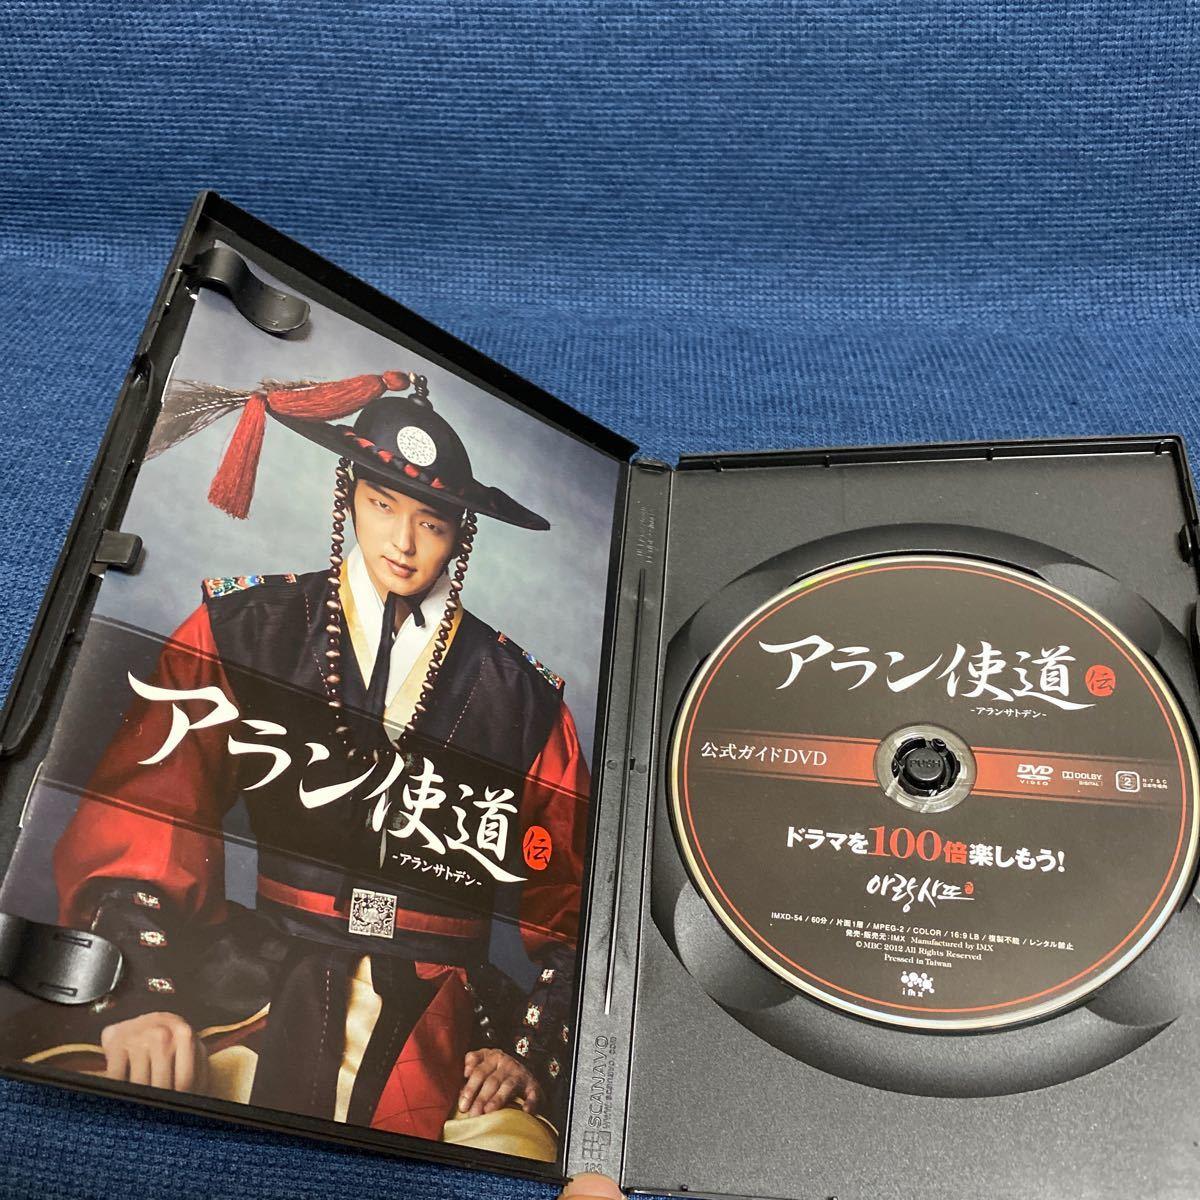 DVD 「アラン使道伝」 公式ガイドDVD -ドラマを100倍楽しもう! -/ドラマ韓流